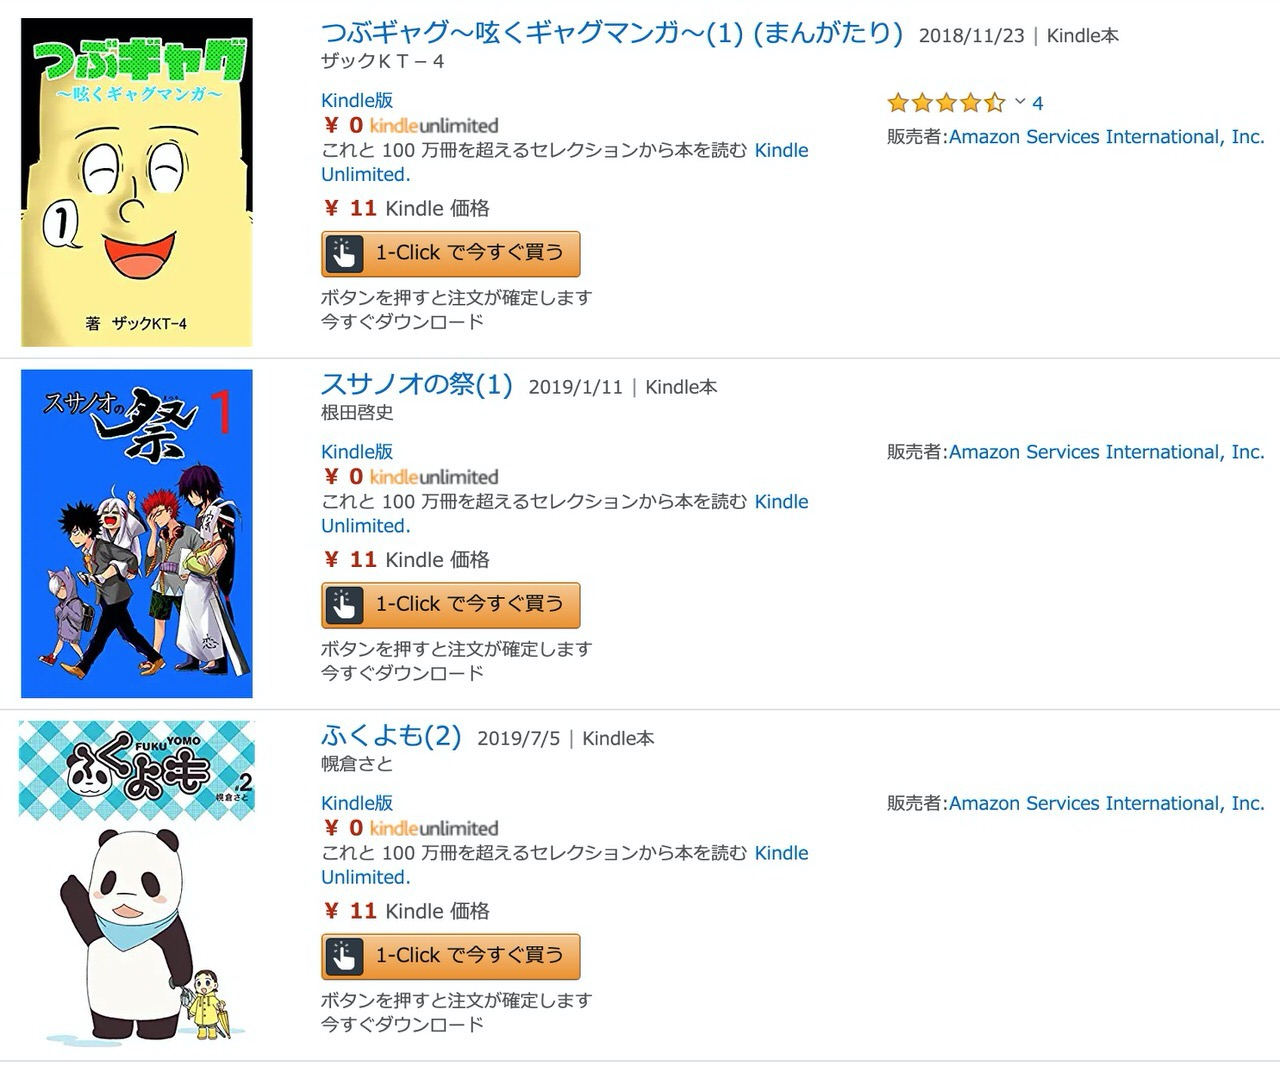 【Kindleセール】11月11日開催「ナンバーナイン11円ポッキリフェア」(11/27まで)